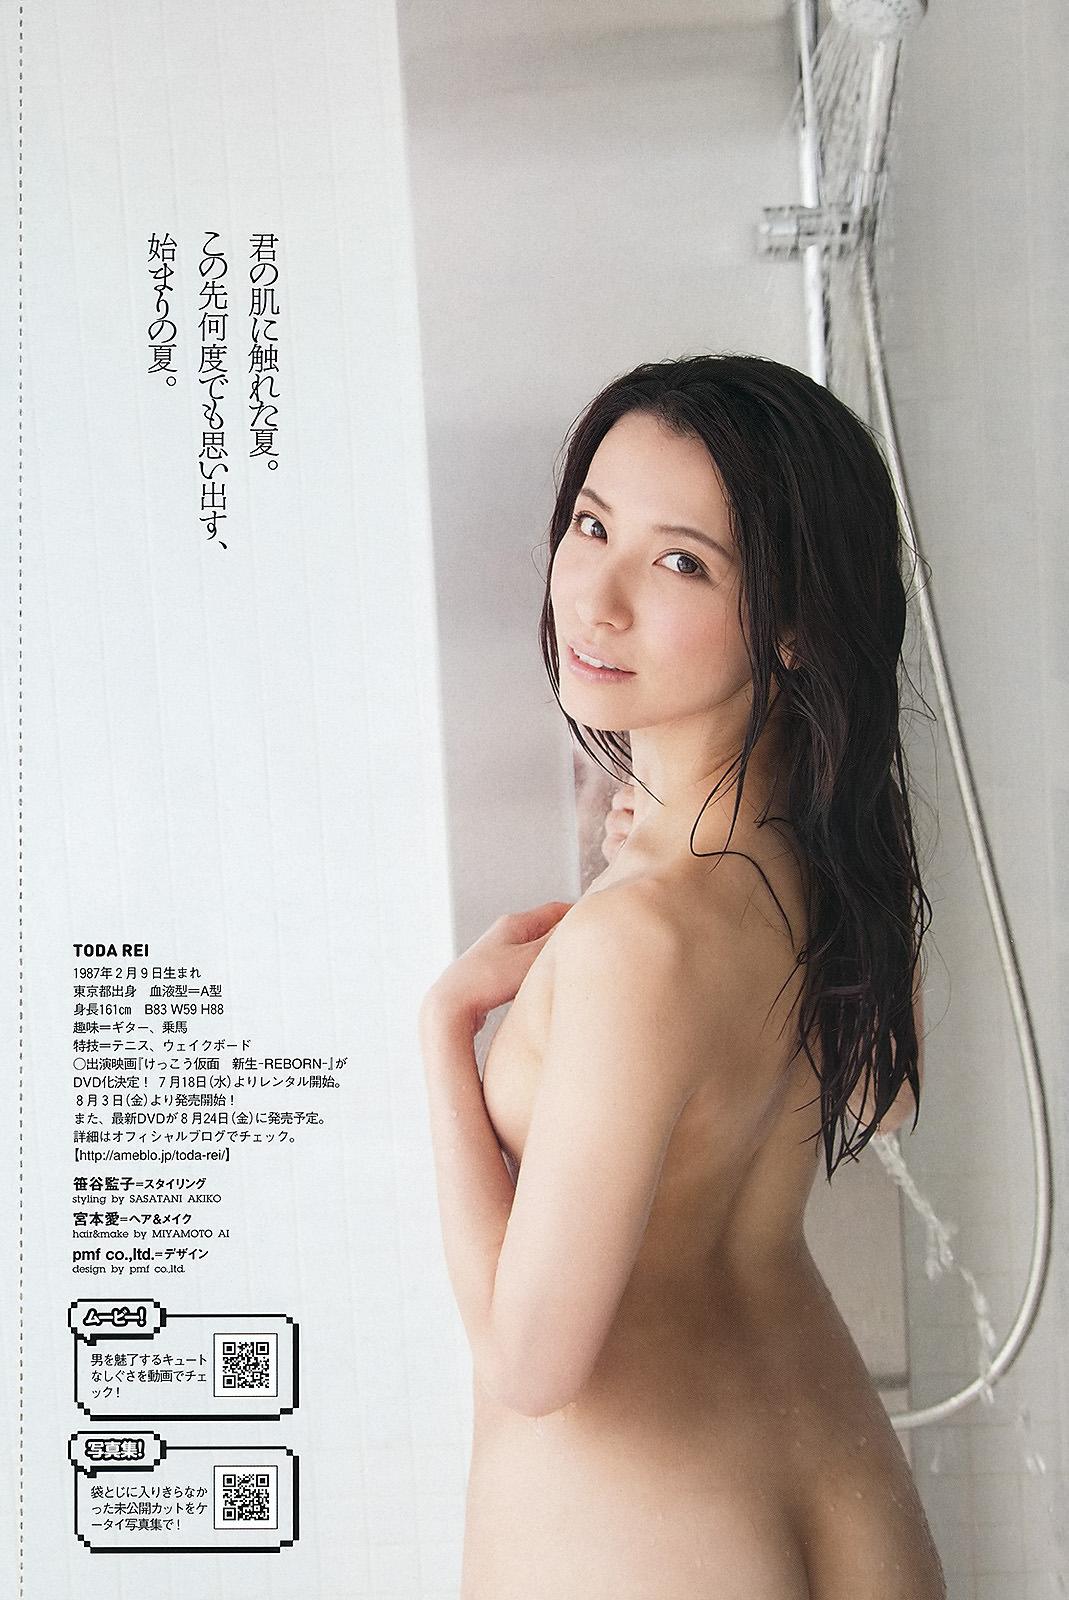 芸能人ヌード 生尻エロ画像32枚!お尻ヌードってことは撮影現場ではオマンコ見えてるってことだよな?www・37枚目の画像